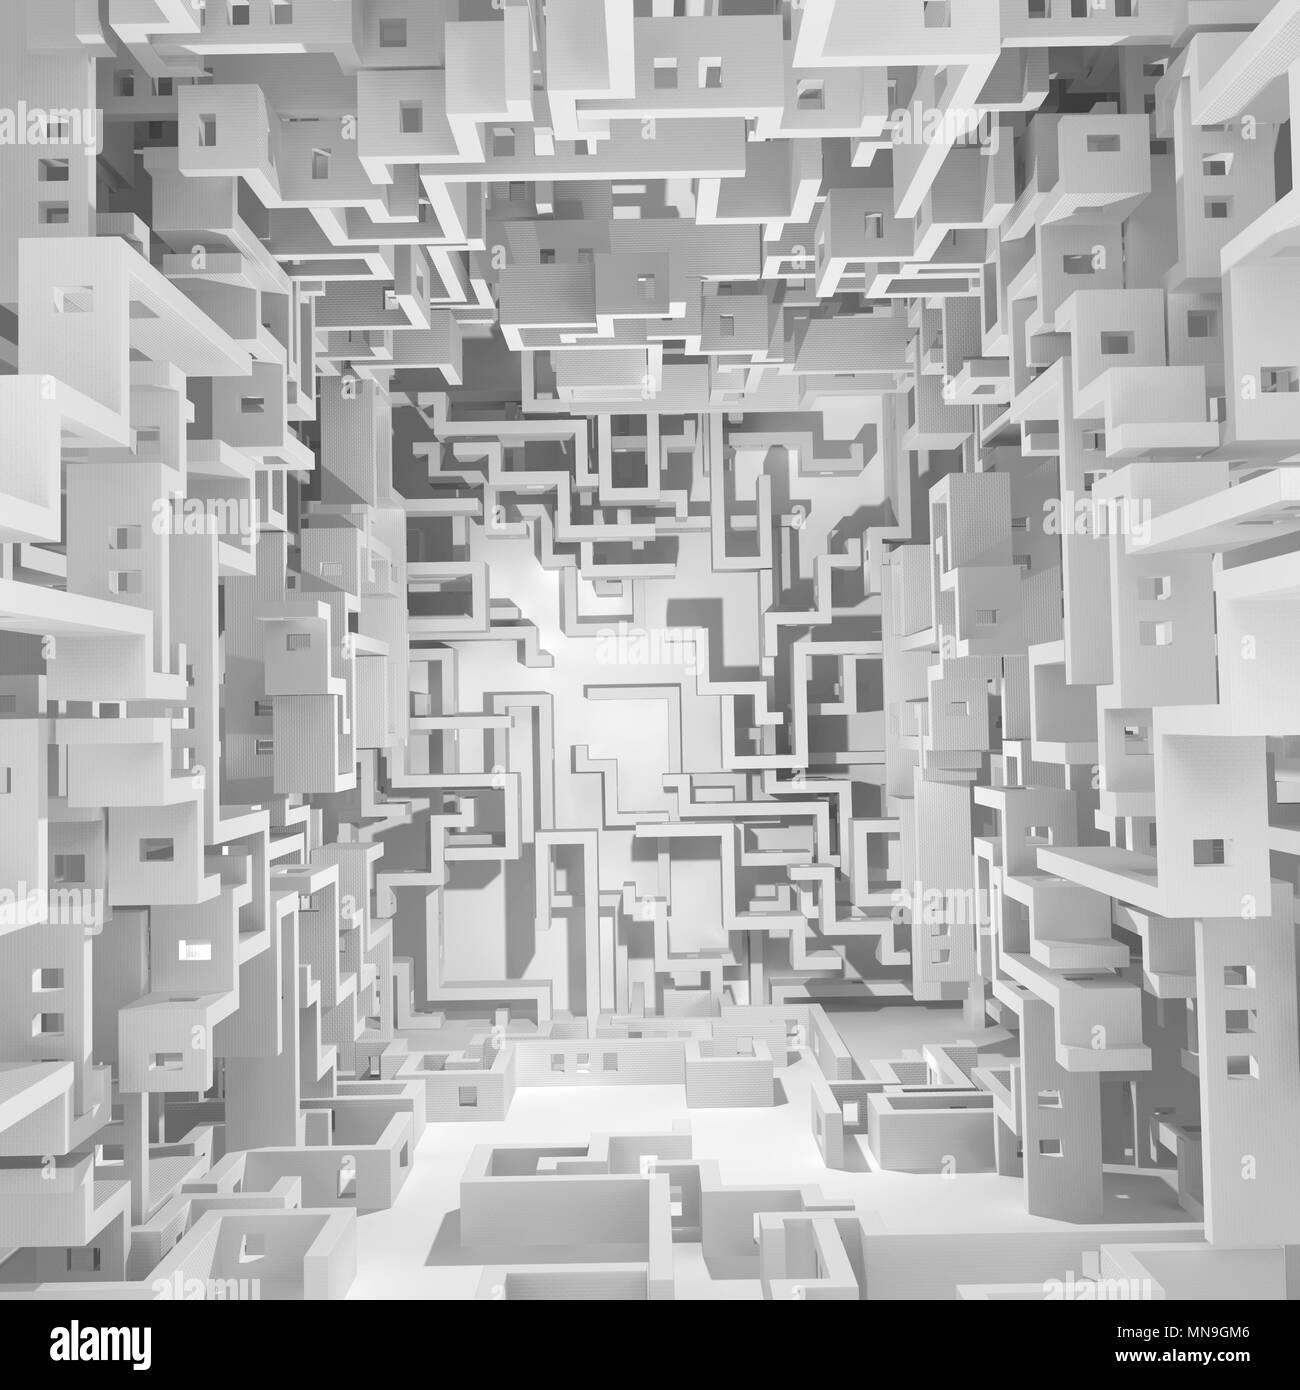 Pared Blanca LABERINTO laberinto surrealista abstracto, ilustración 3d, en horizontal Imagen De Stock